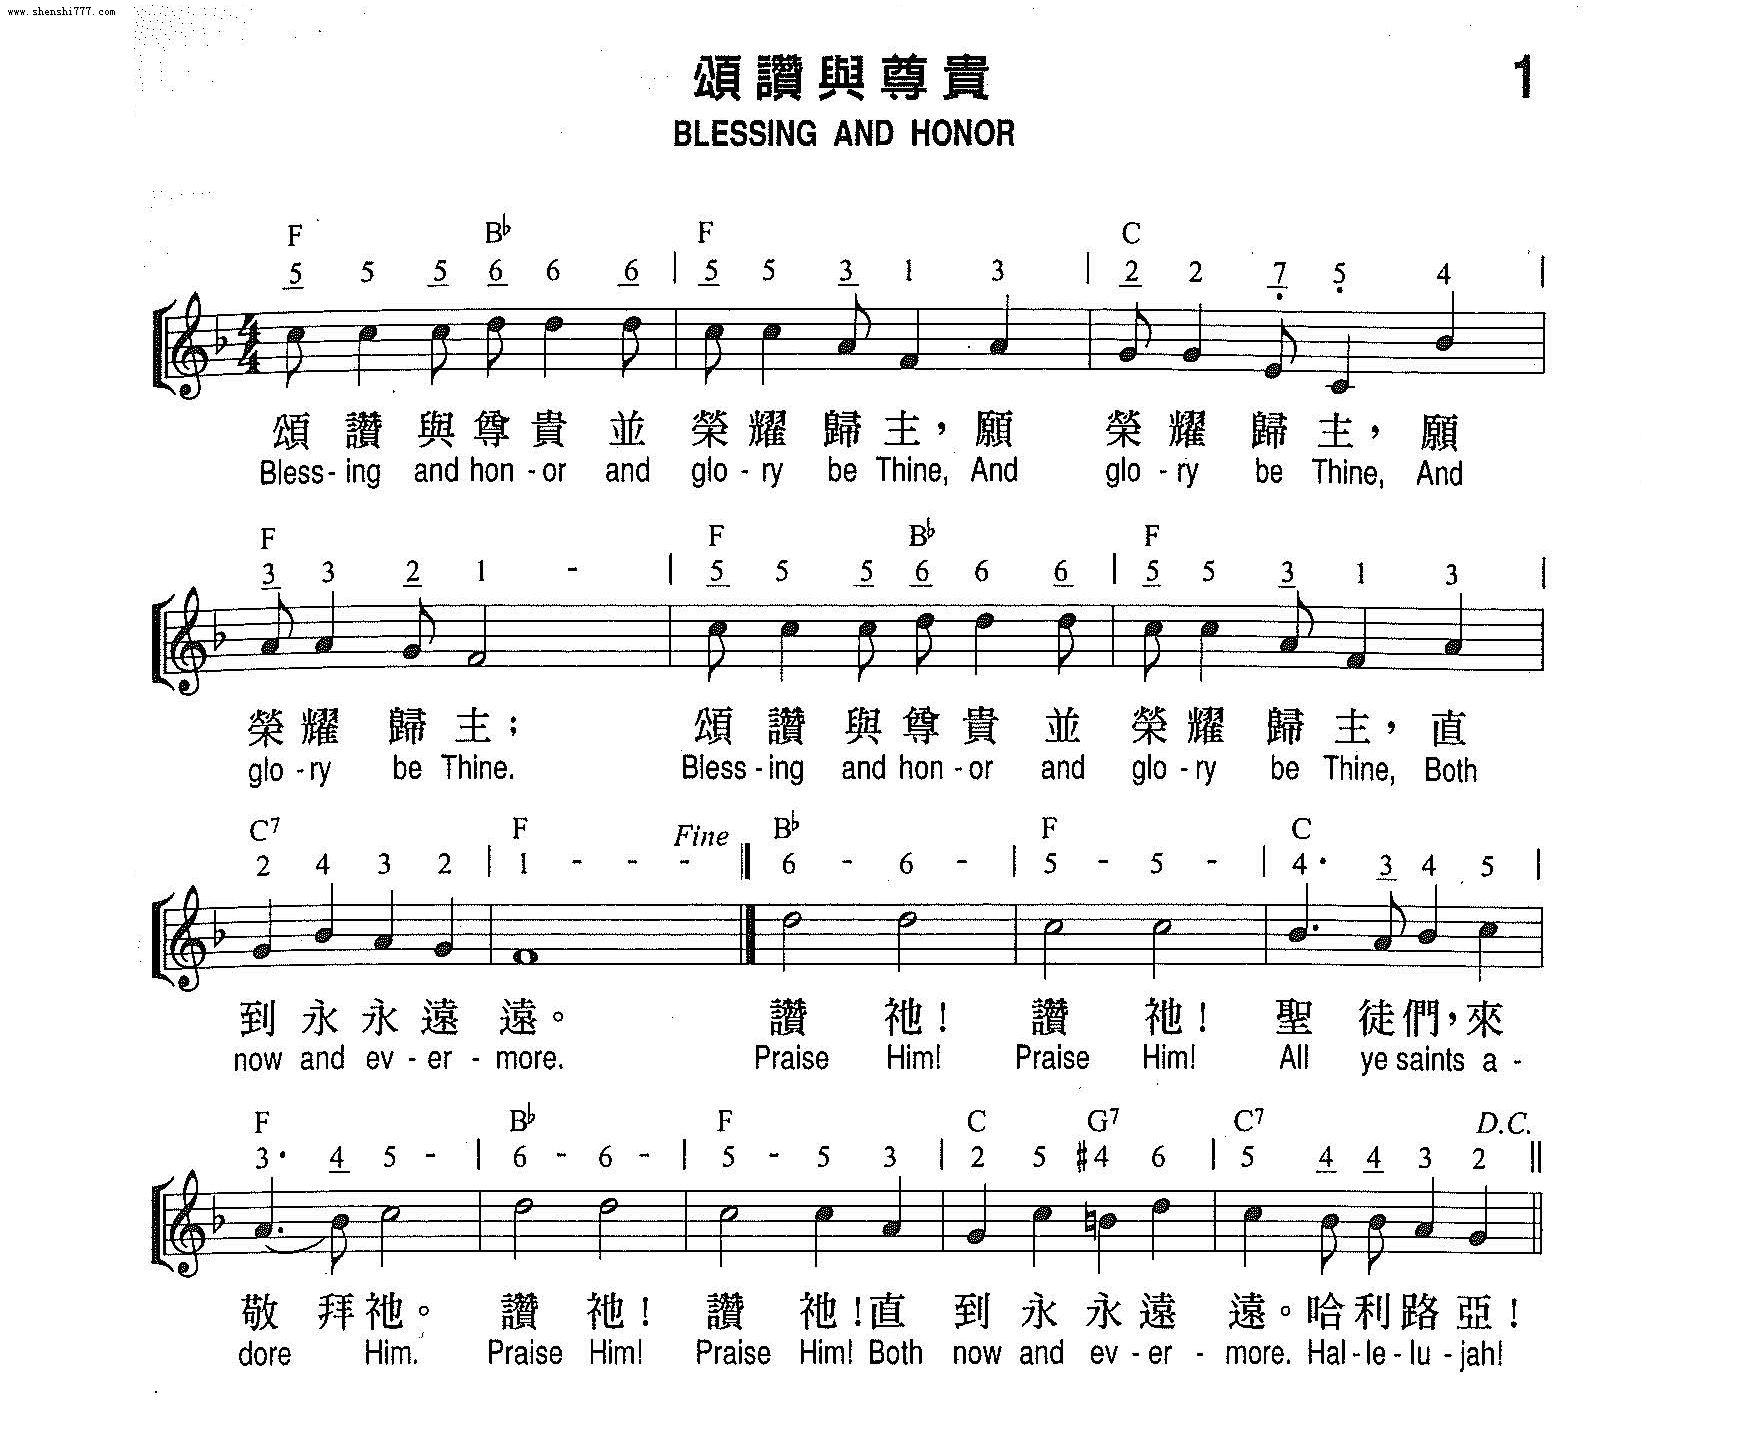 颂赞与尊贵-圣徒诗歌-基督教歌谱网基督教